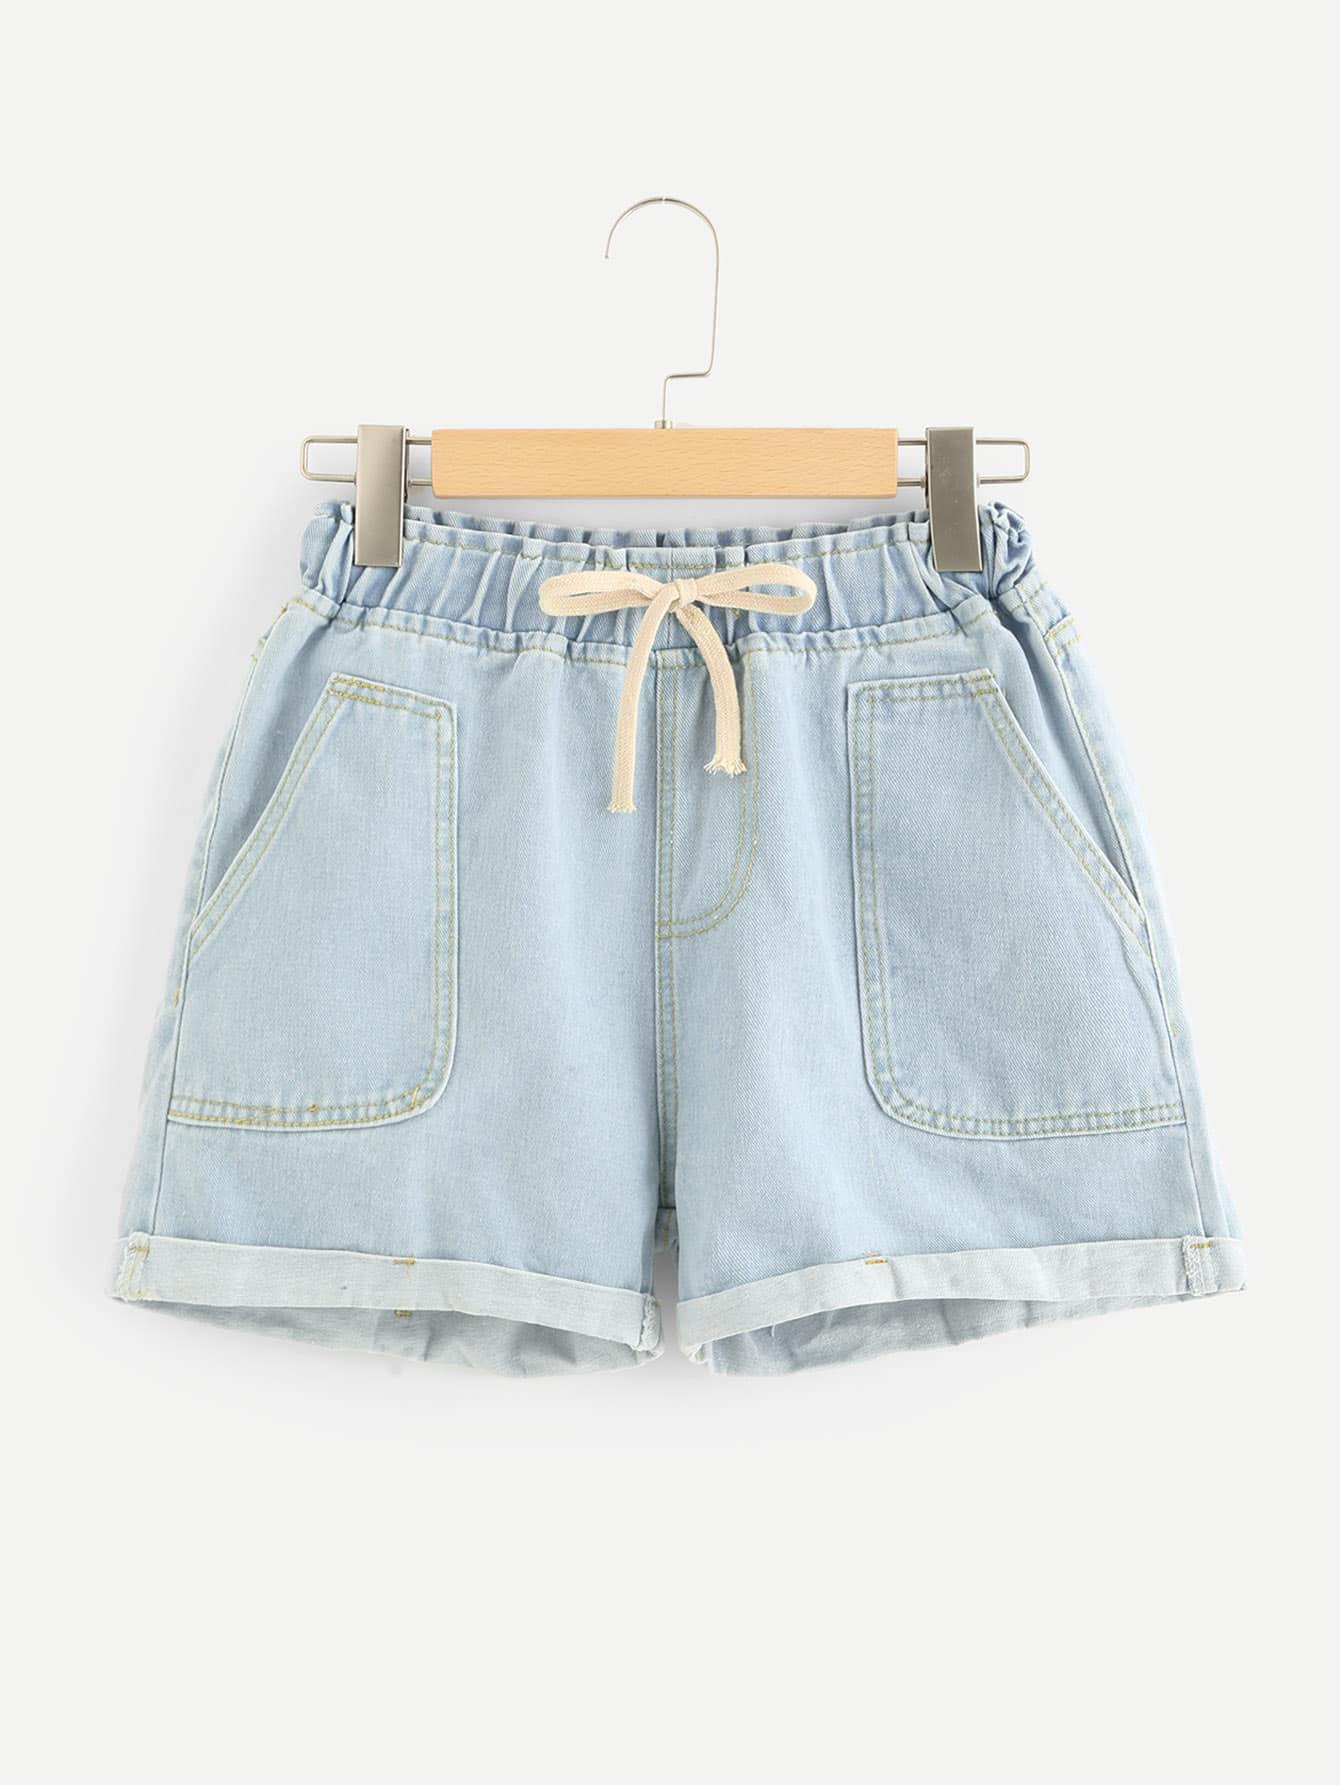 Dual Pocket Drawstring Waist Denim Shorts